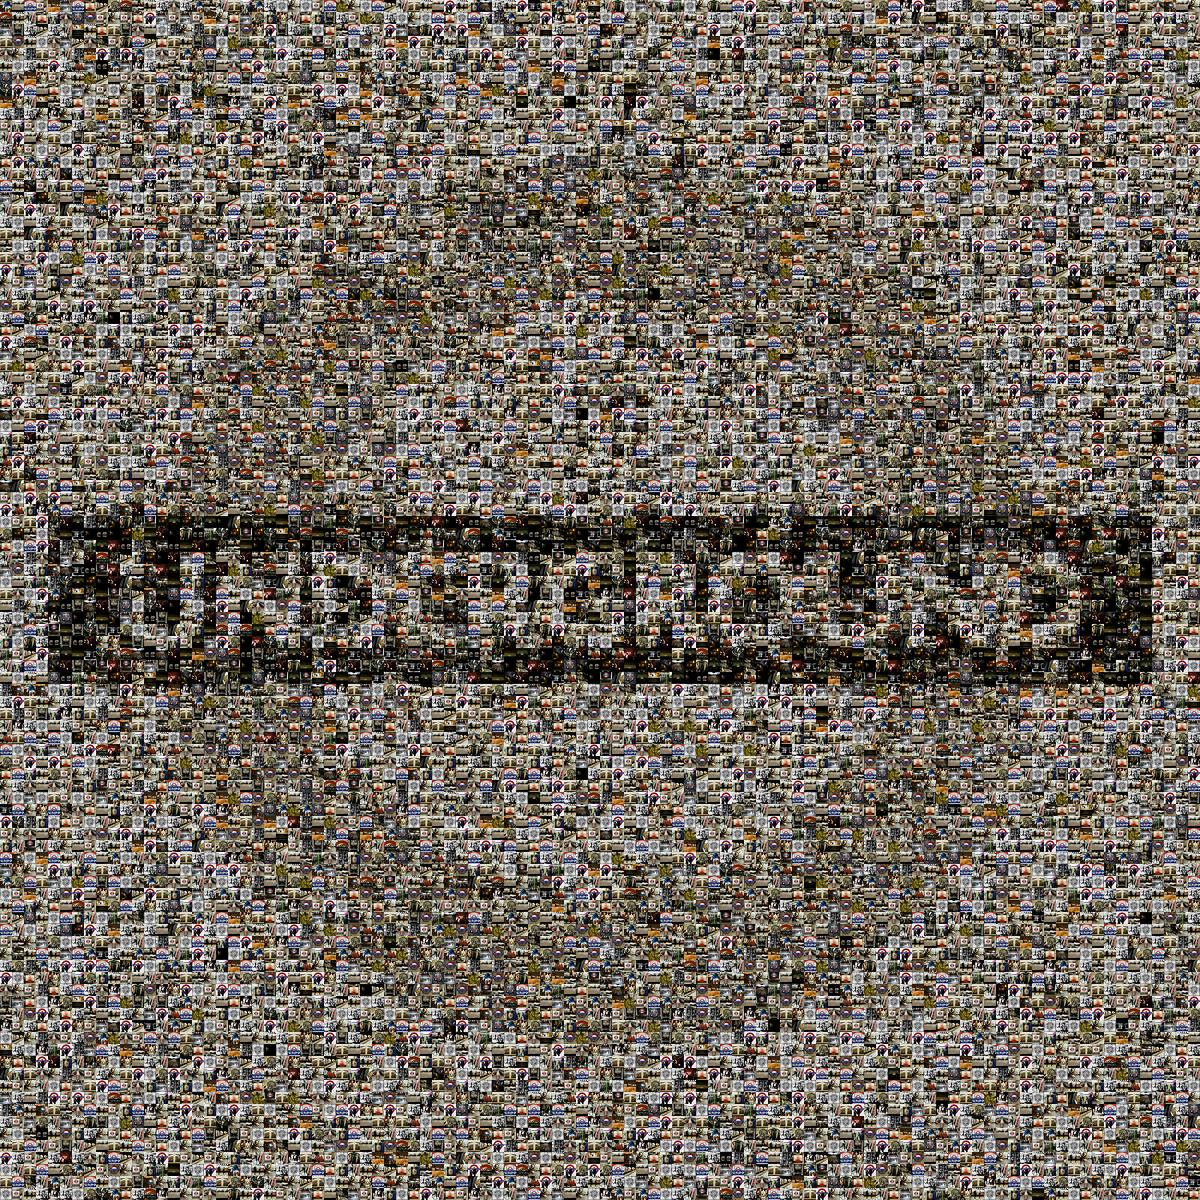 London Underground logo mosaic